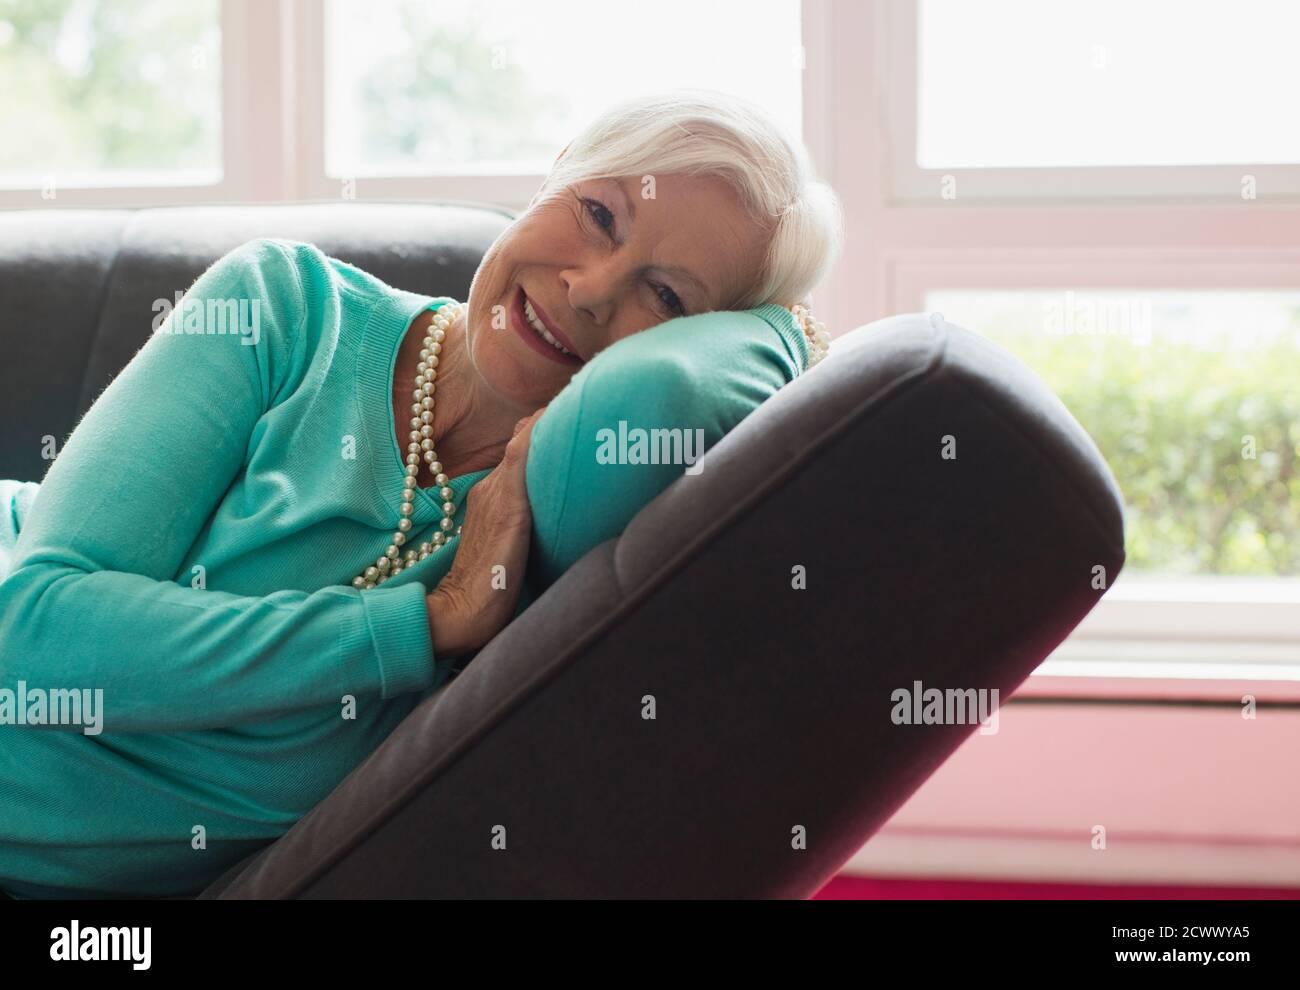 Portrait bonne femme sénior se détendant sur une chaise longue Banque D'Images